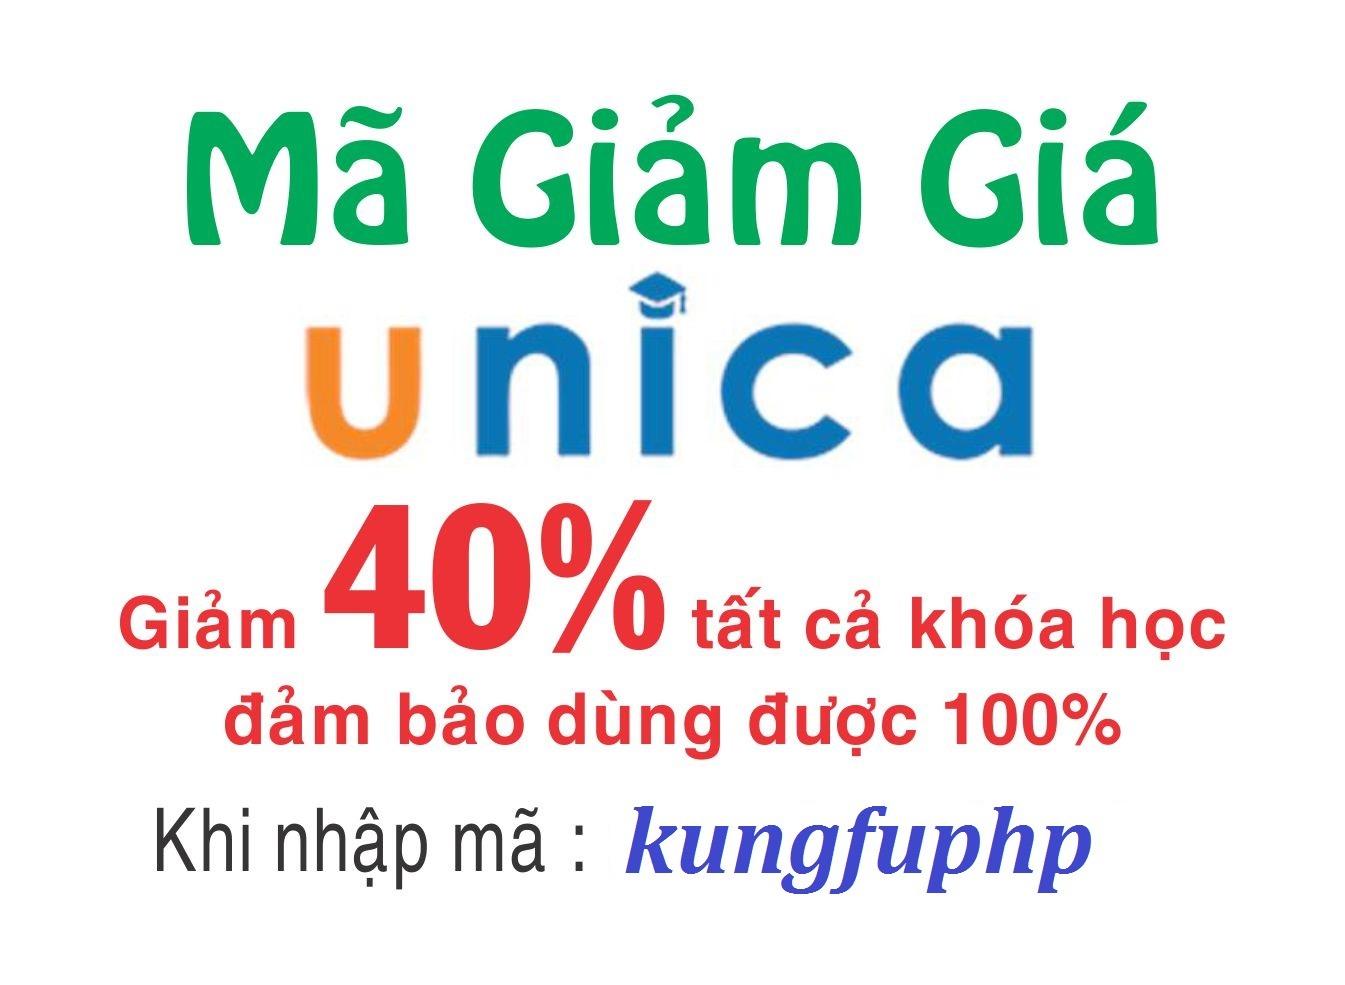 Mã giảm giá 40% toàn bộ khóa học trên Unica